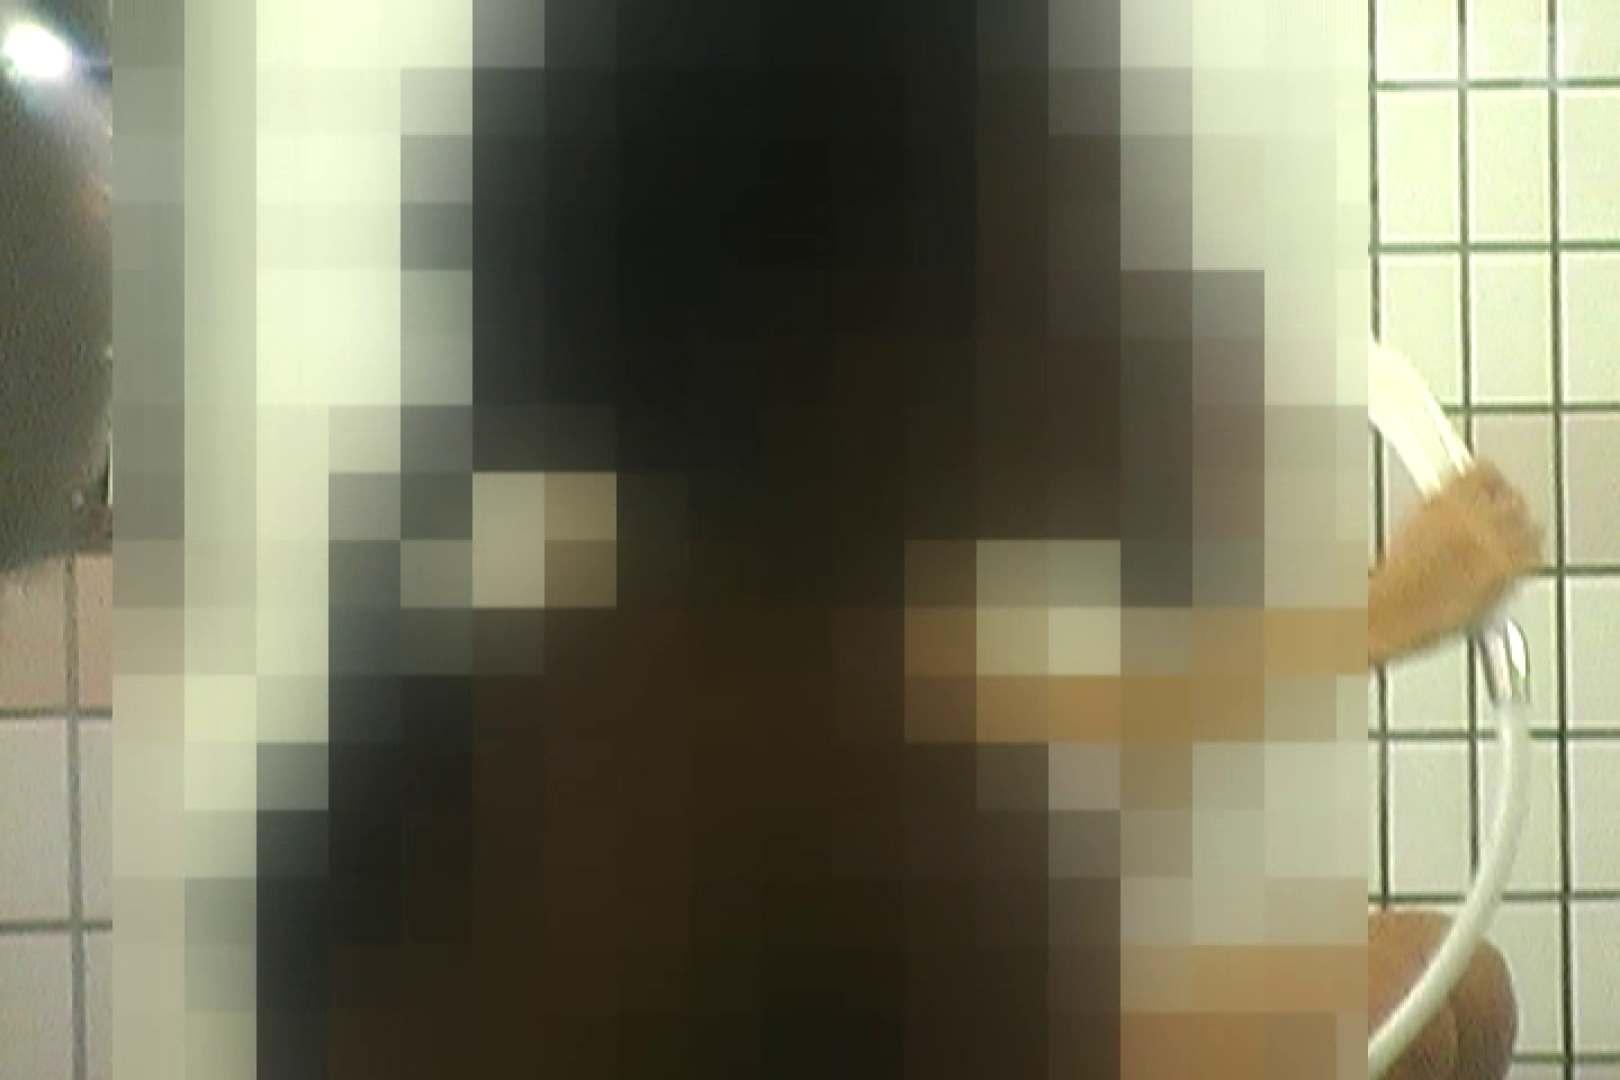 ▲復活限定▲合宿ホテル女風呂盗撮 Vol.07 盗撮編 ヌード画像 81枚 57